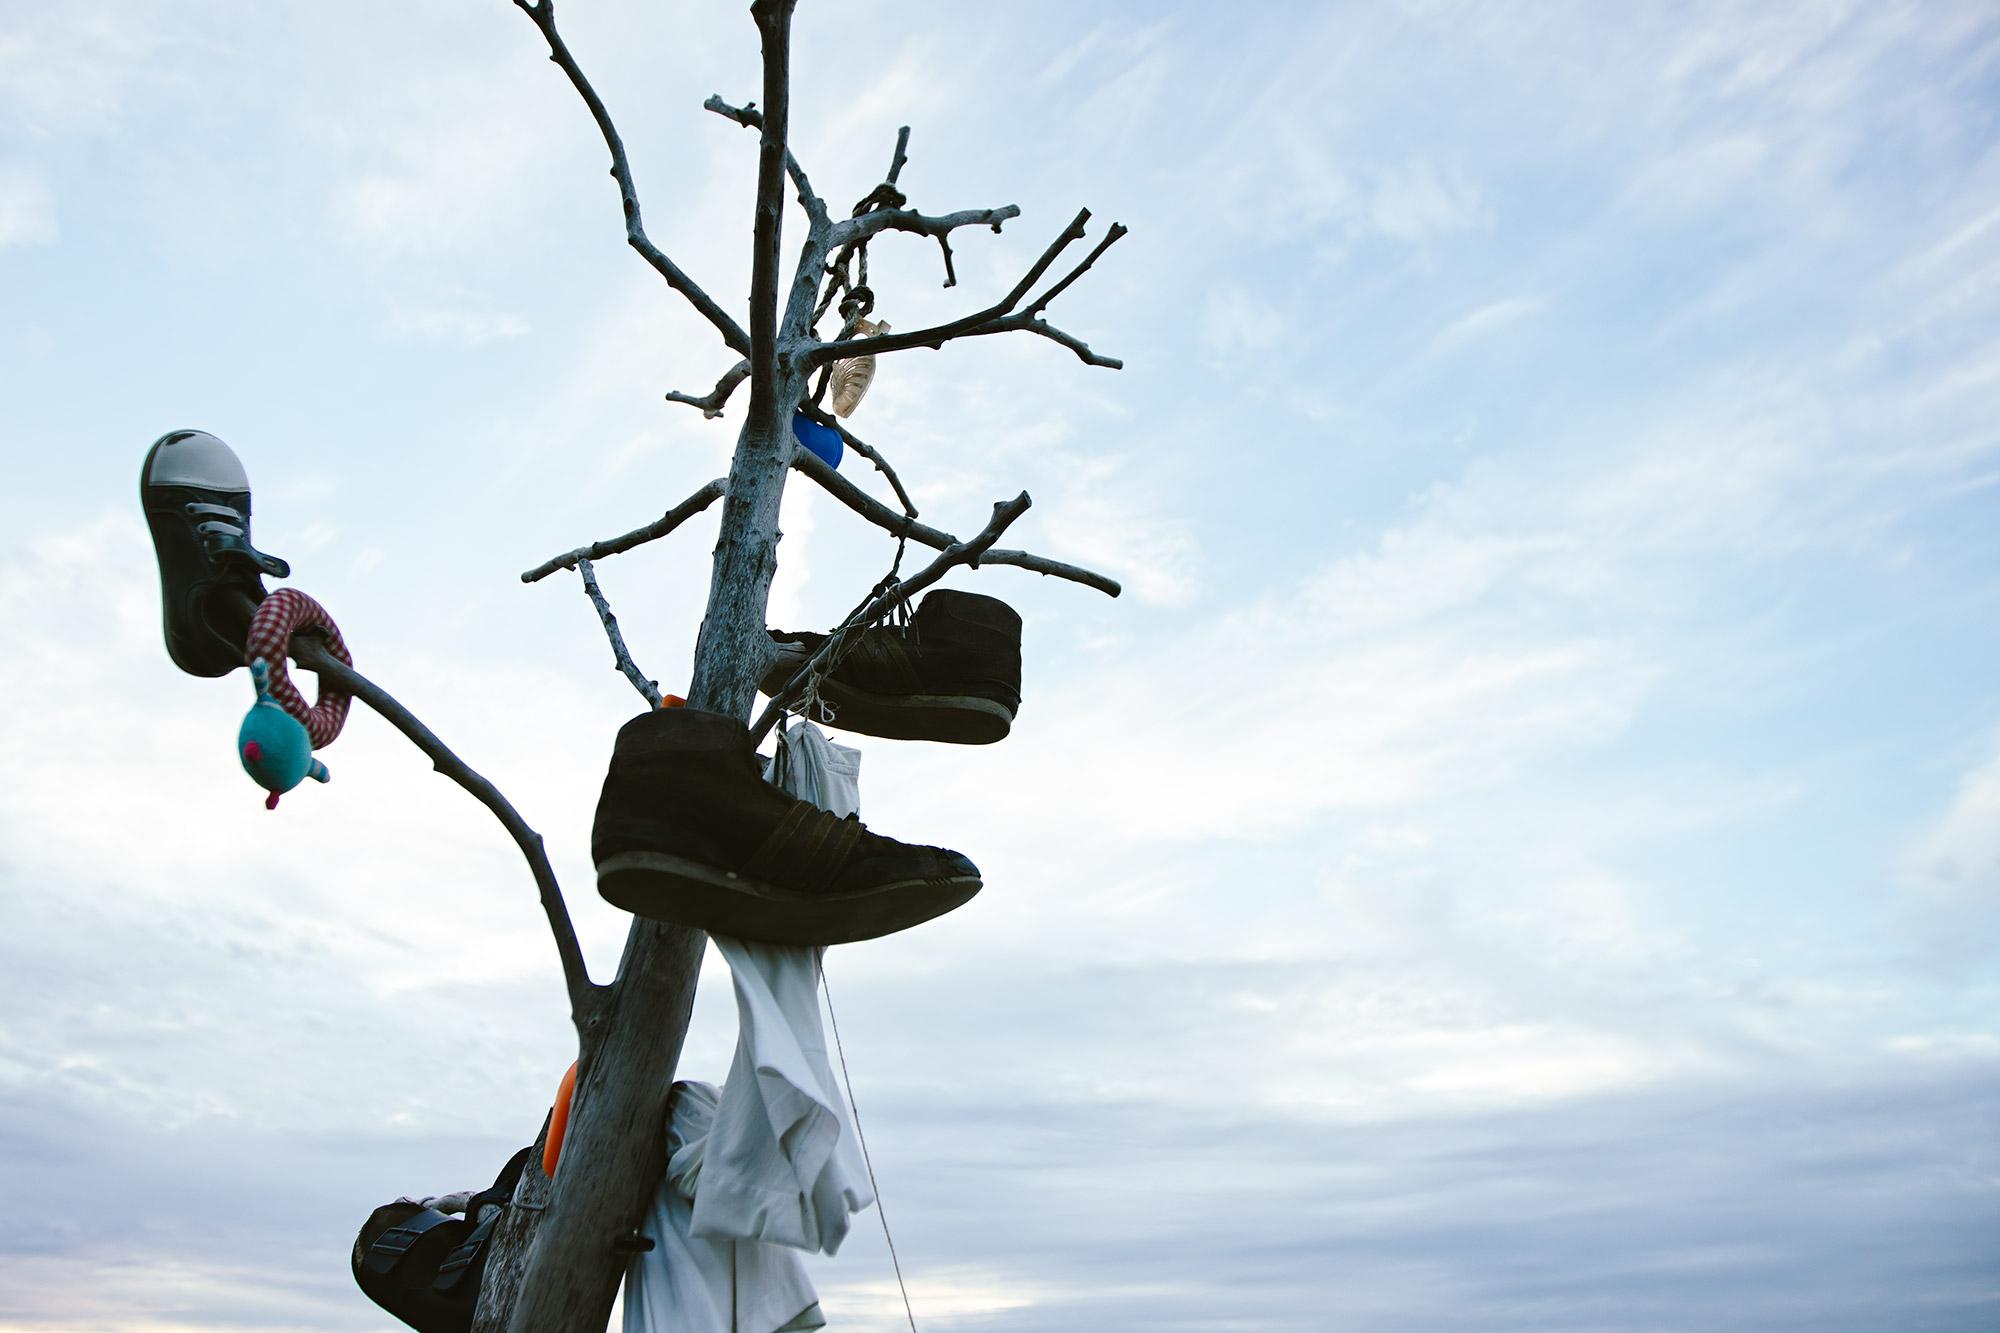 Der Baum der verlorenen Sachen in Noordwijk. Hier hängen Menschen Dinge auf, die andere am Strand verloren haben. Das fand ich sehr süß!